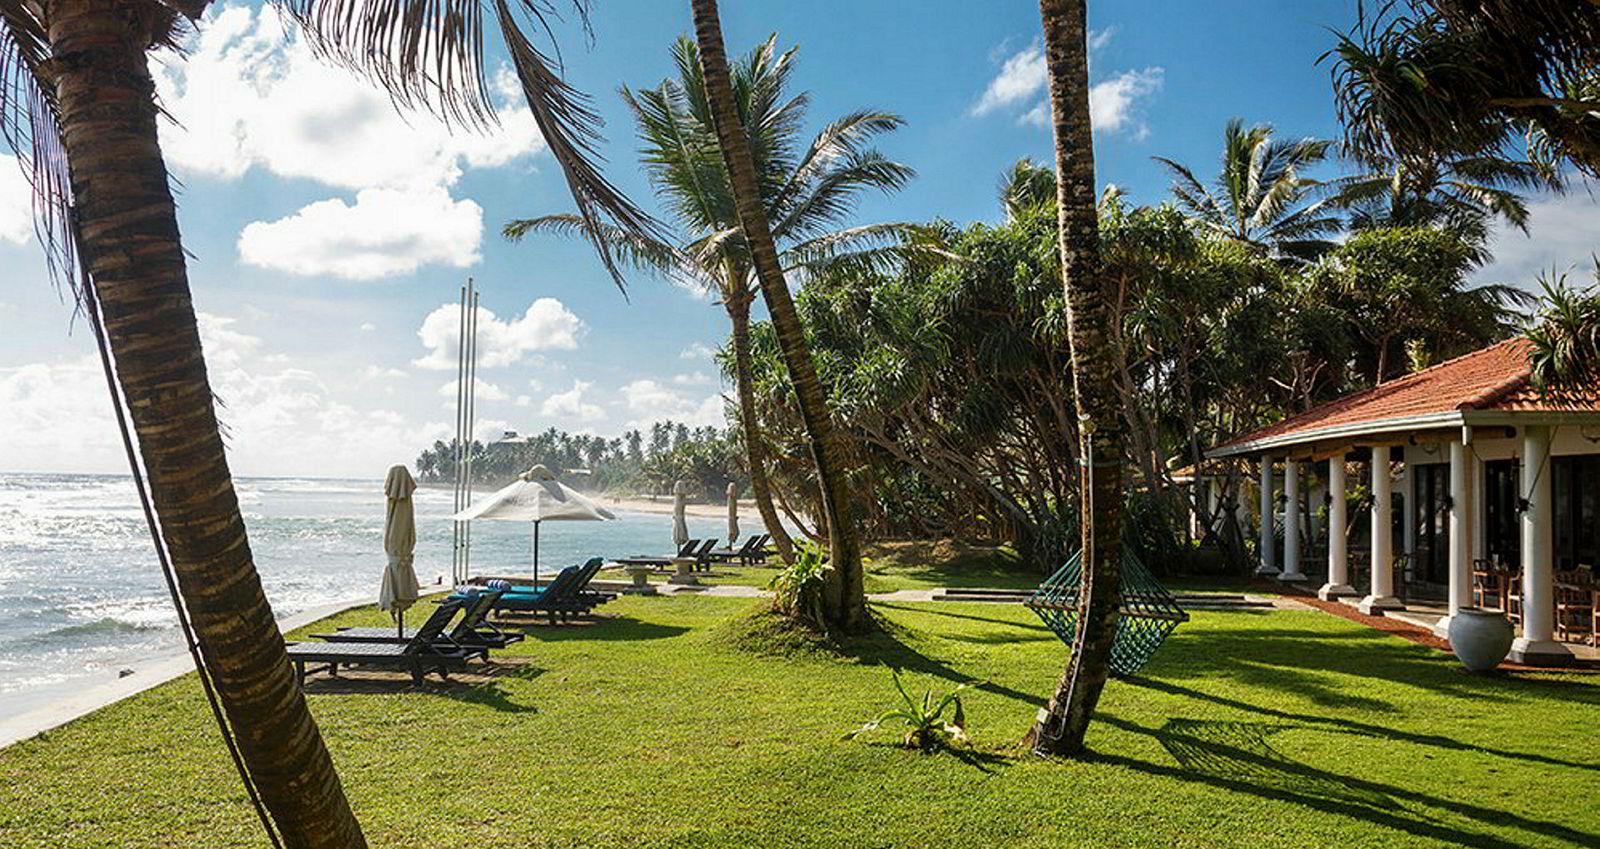 Mosvold Villa er ett av de tre hotellene Kurt Mosvold har bygget på Sri Lanka. Alle hotellene ligger i den kjente kystregionen Galle.